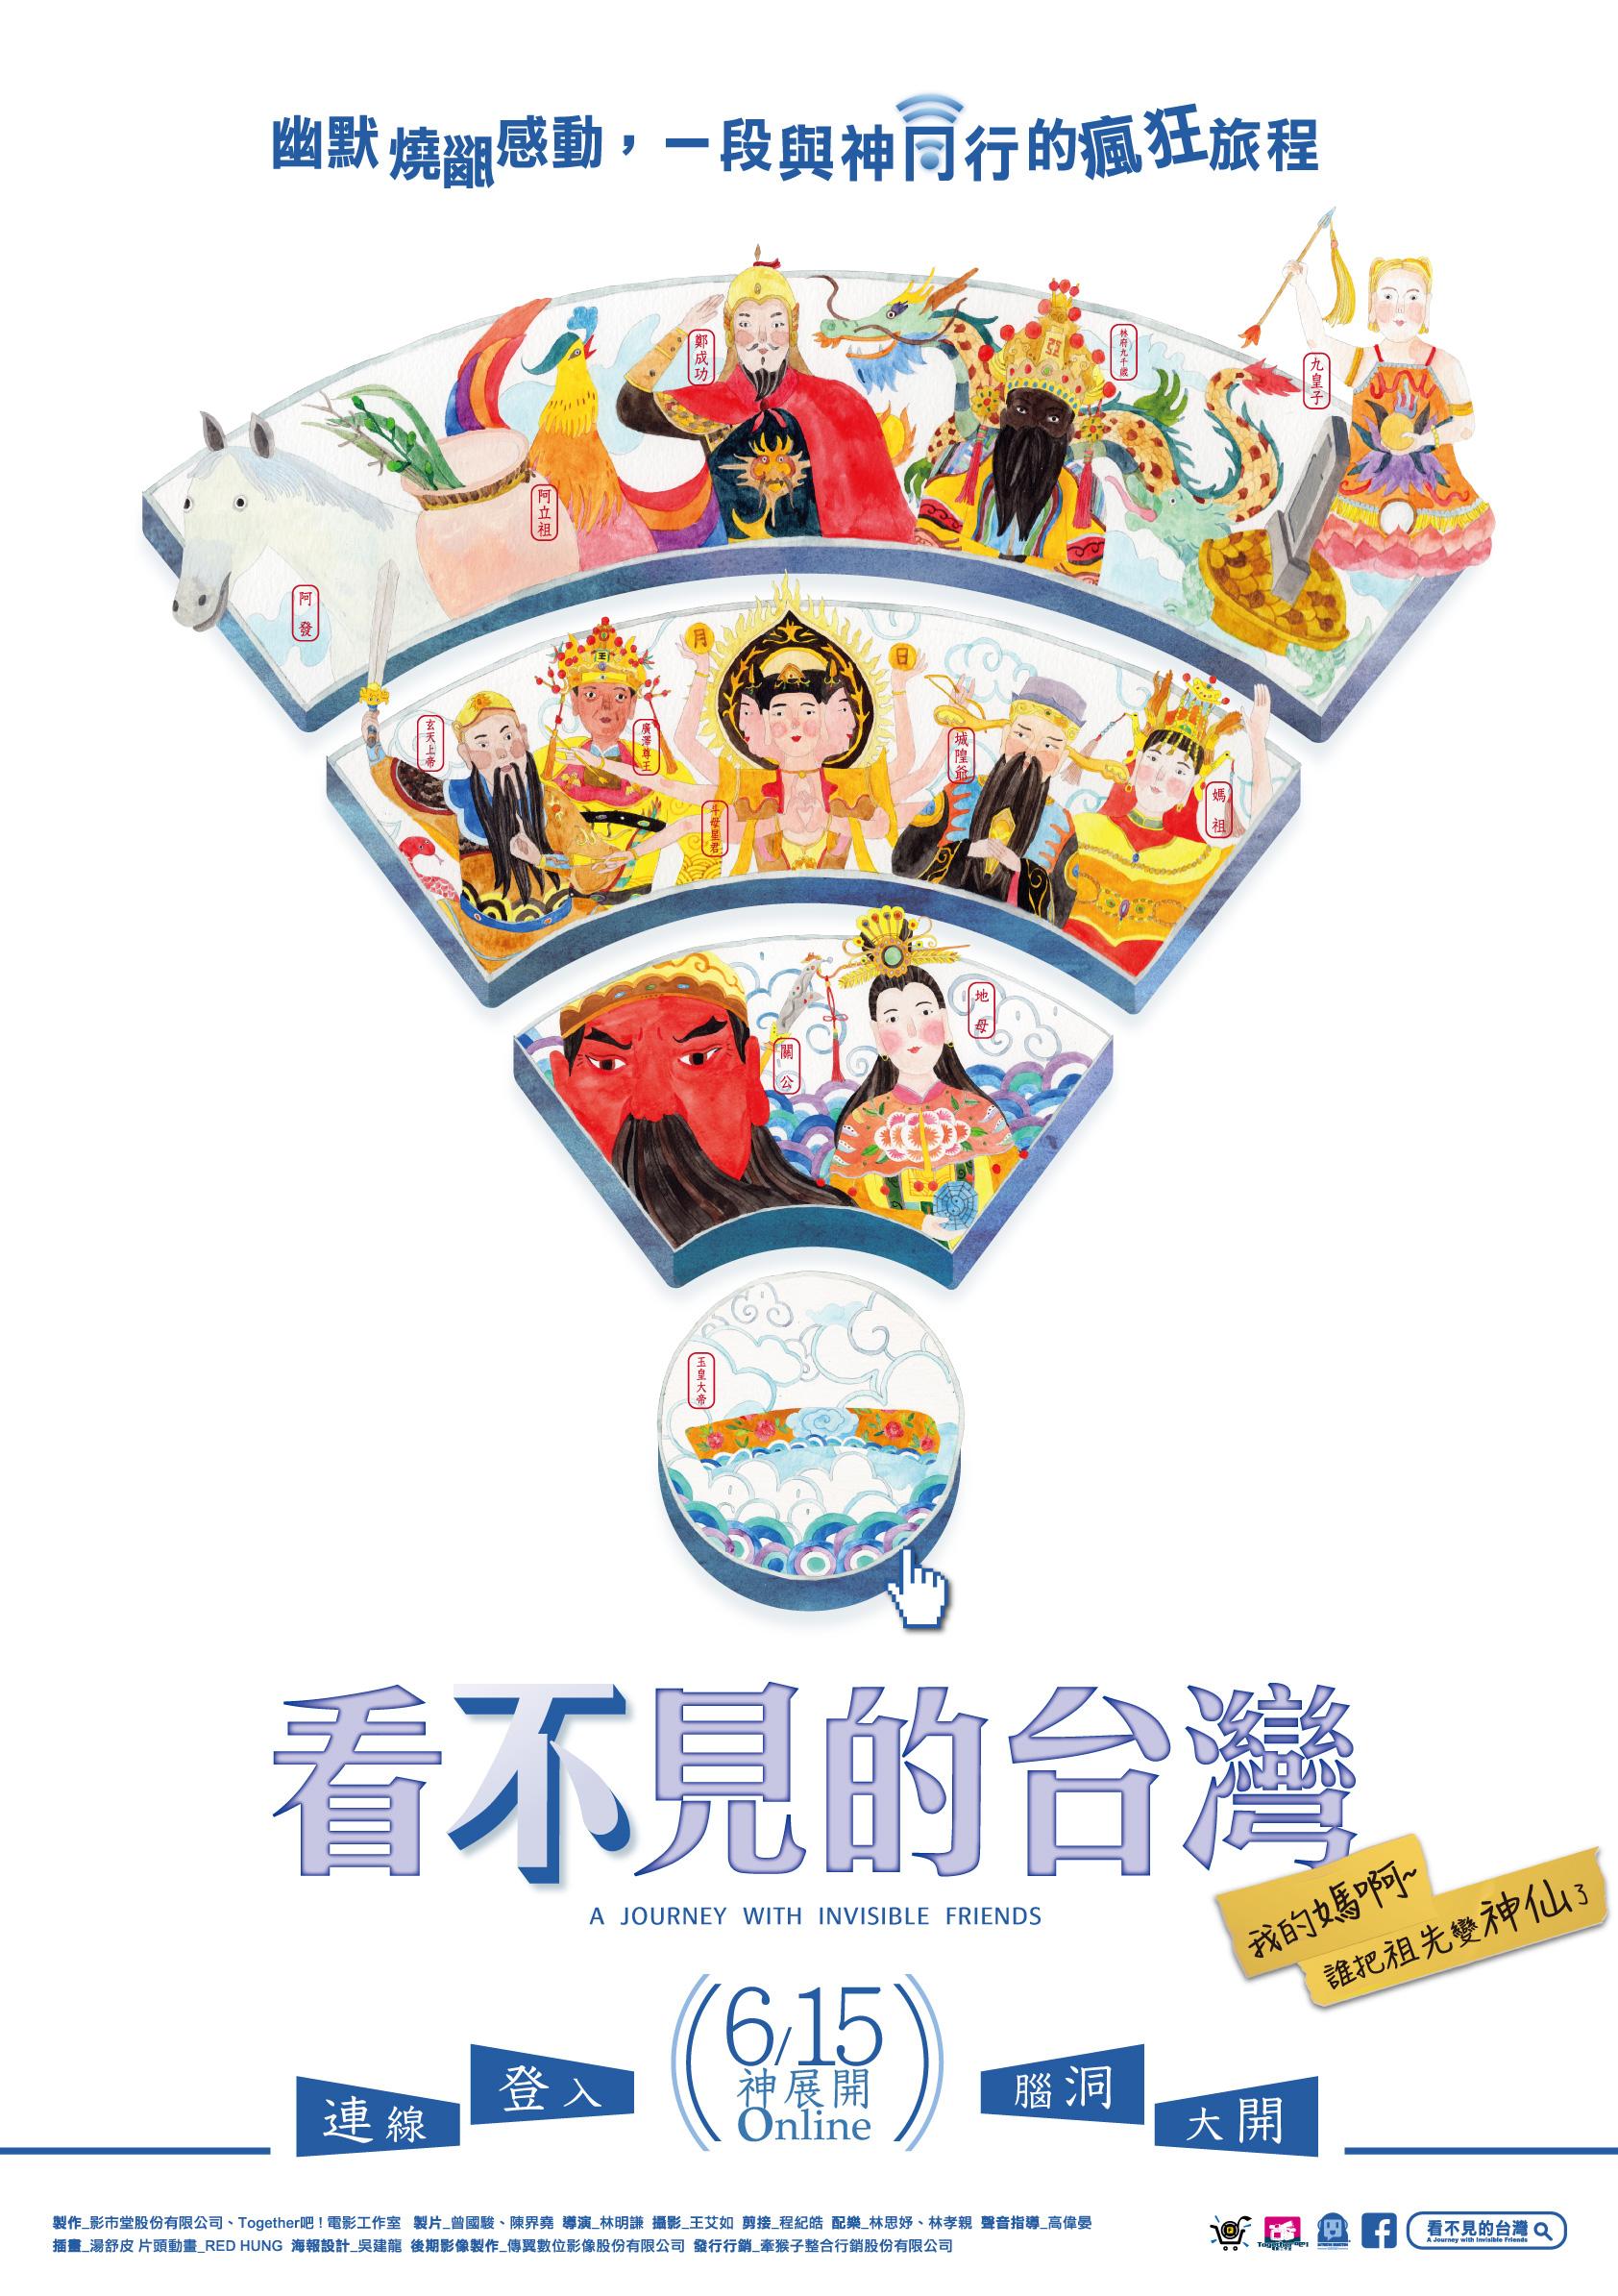 《看不見的台灣》一路紀錄「與神同行」的互動。從海報裡可以看到,鄭成功依然穿著傳統戰袍,但形象顯得可愛親民,以手勢致意。圖│影市堂提供